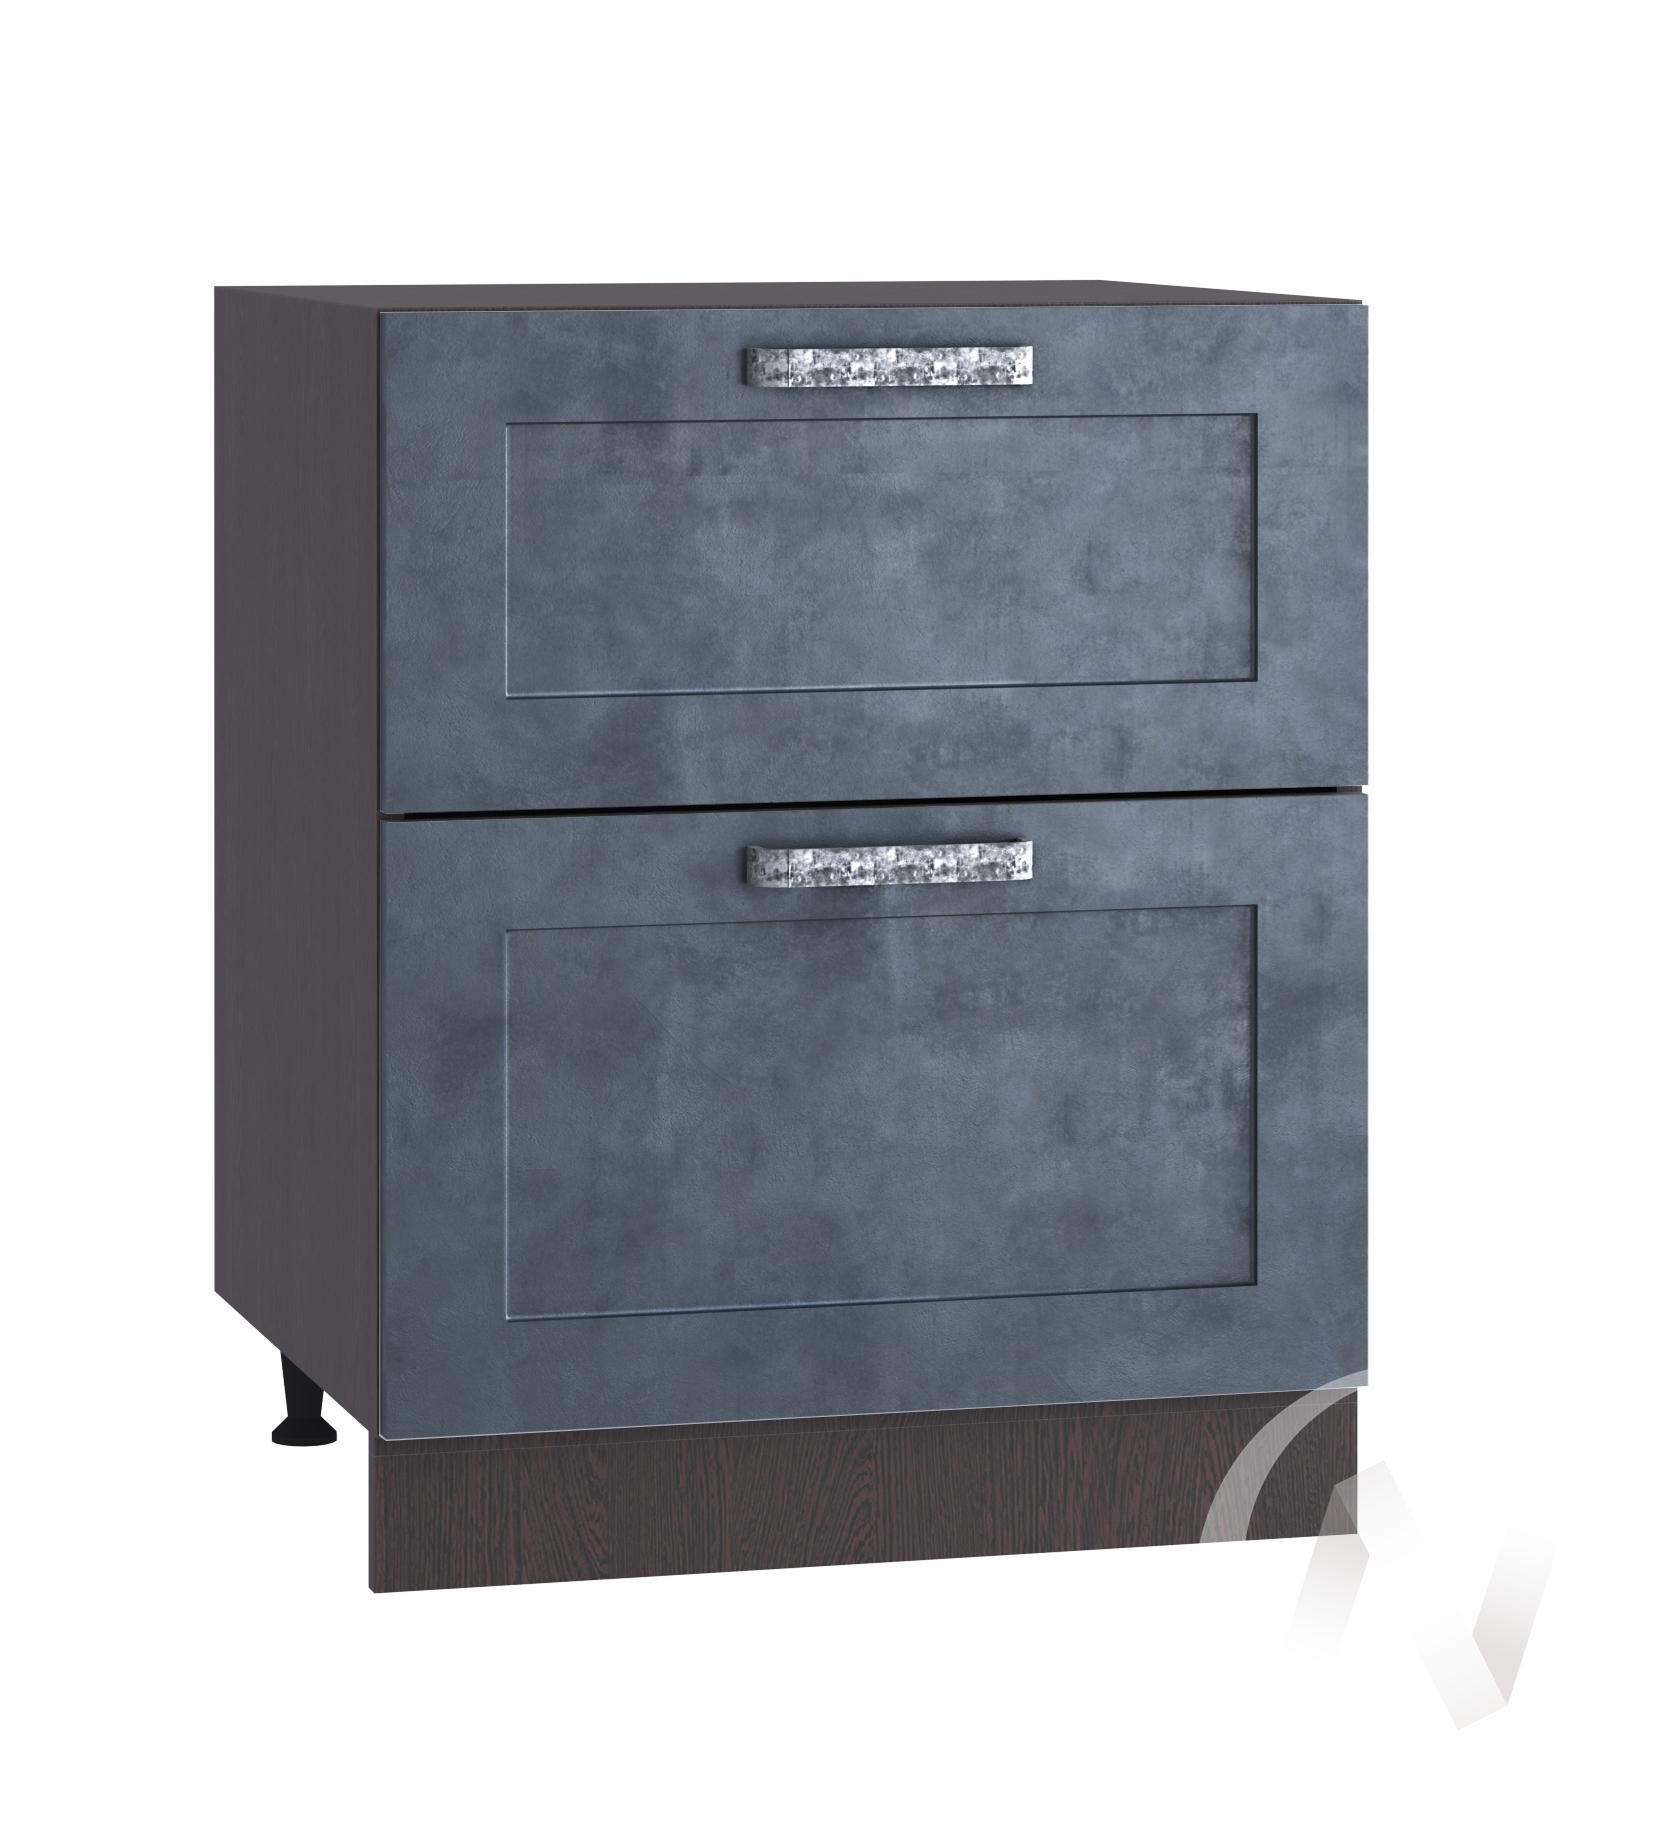 """Кухня """"Лофт"""": Шкаф нижний с 2-мя ящиками 600, ШН2Я 600 (Бетон графит/корпус венге)"""